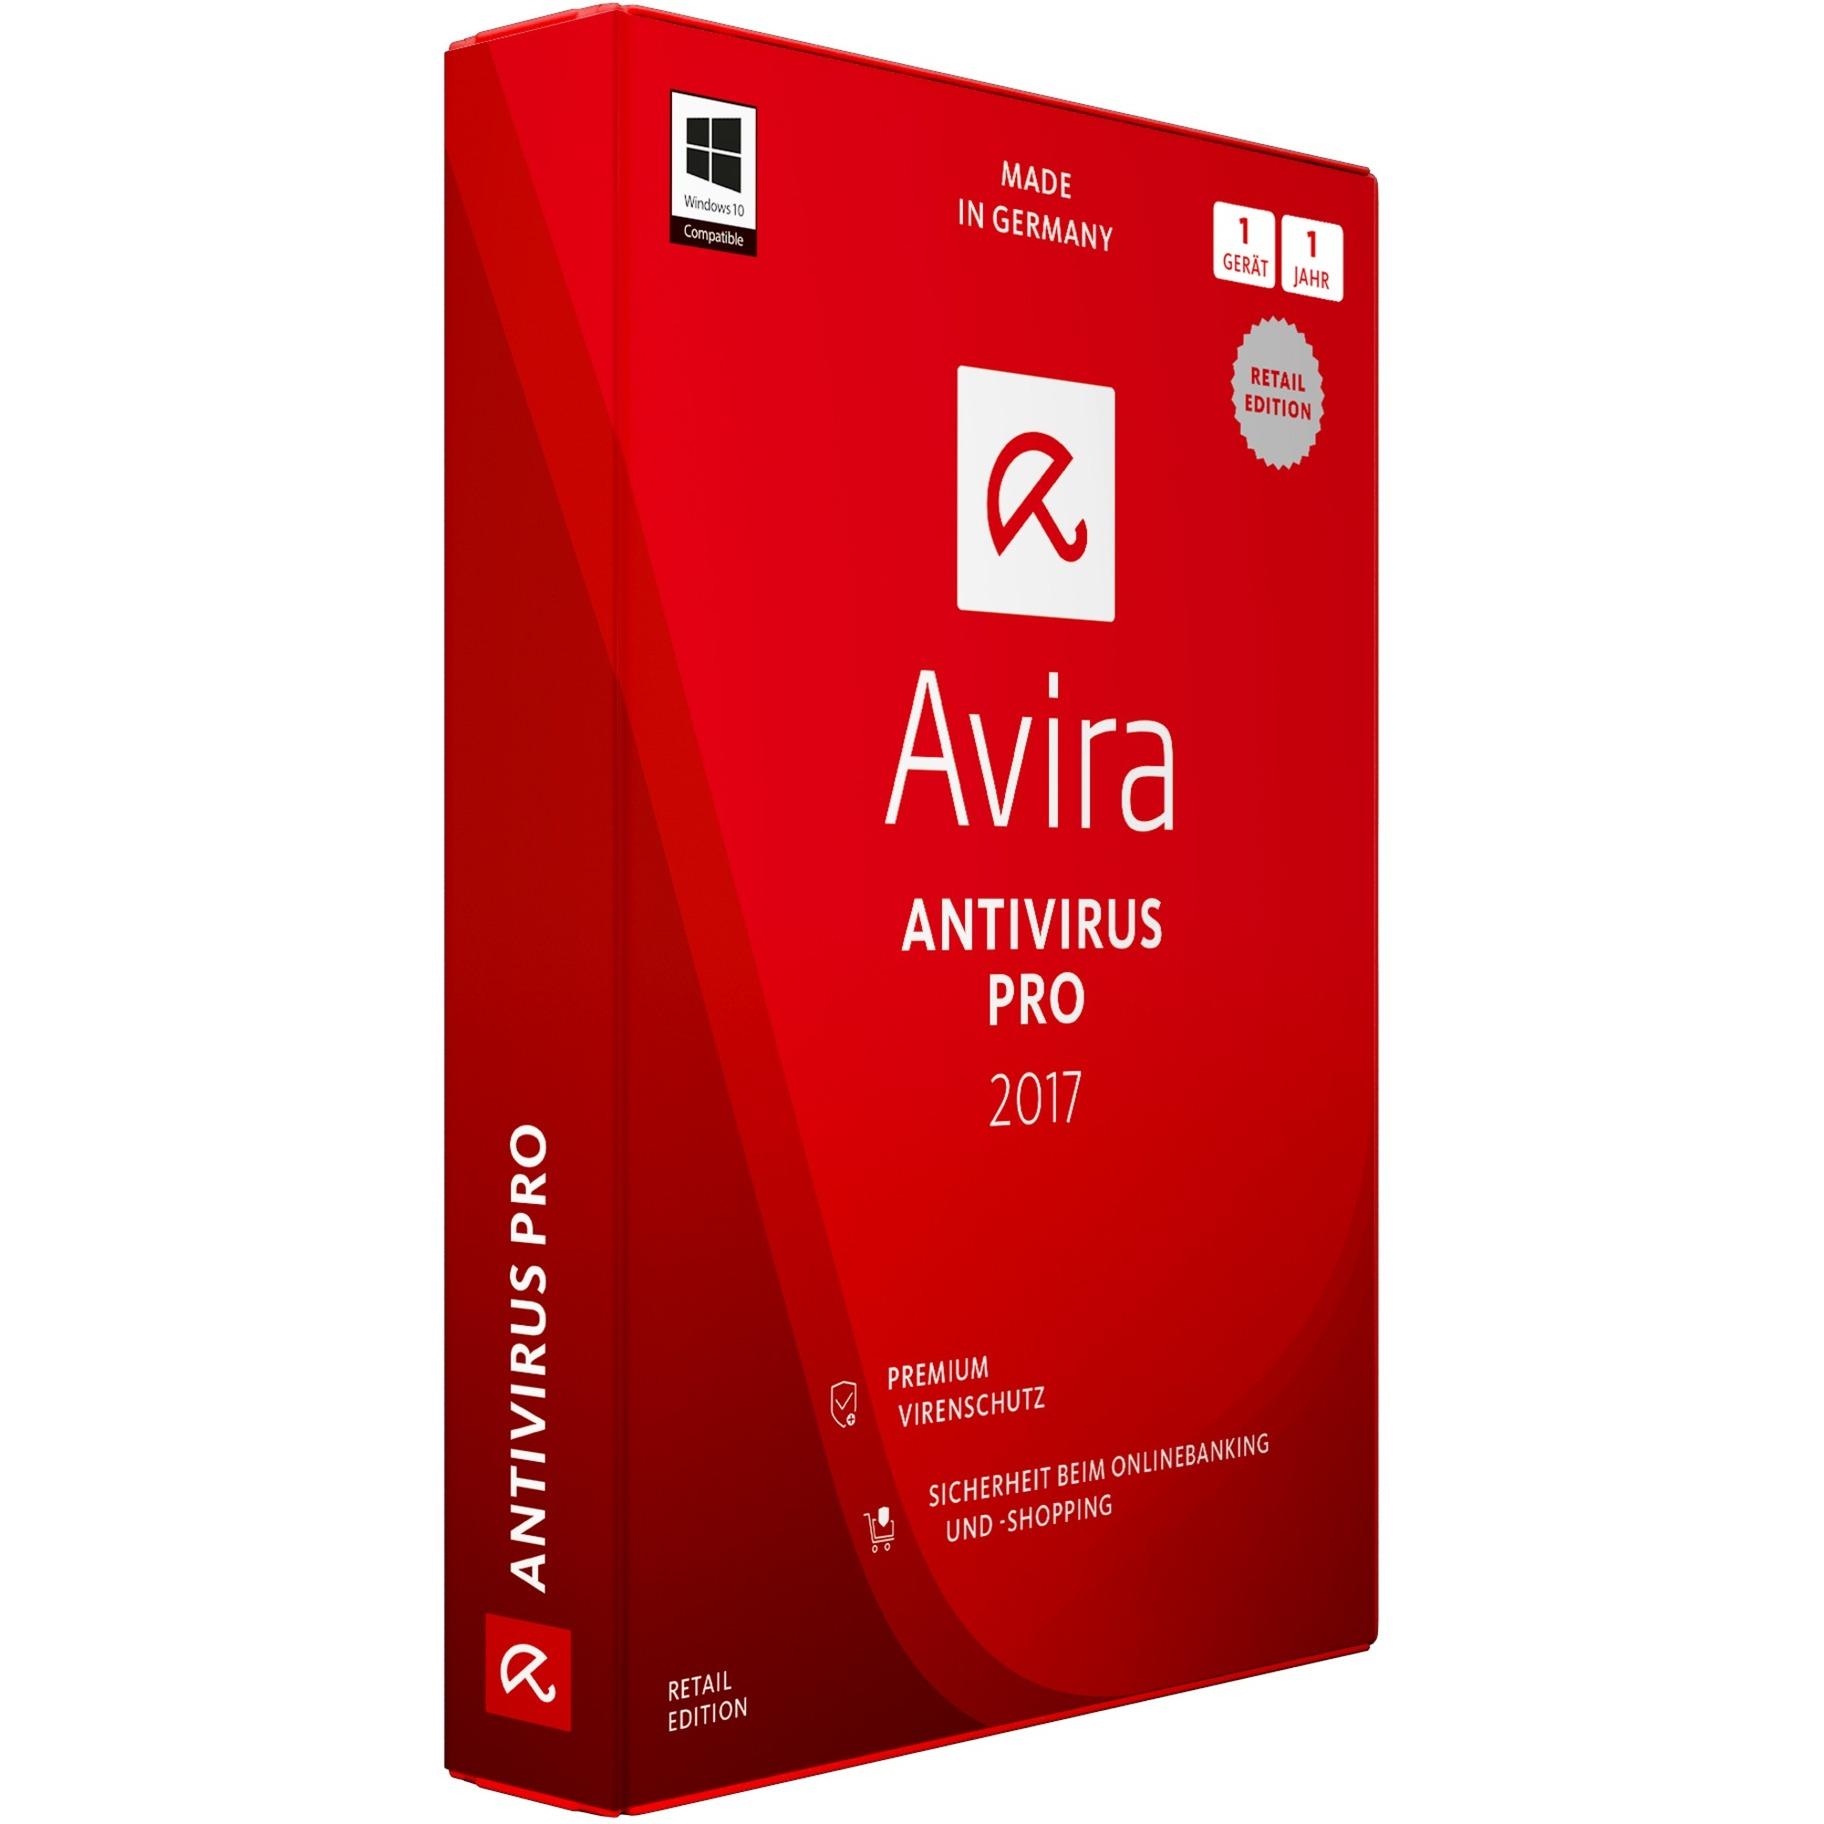 Avira antivirus premium 2017 free download full version